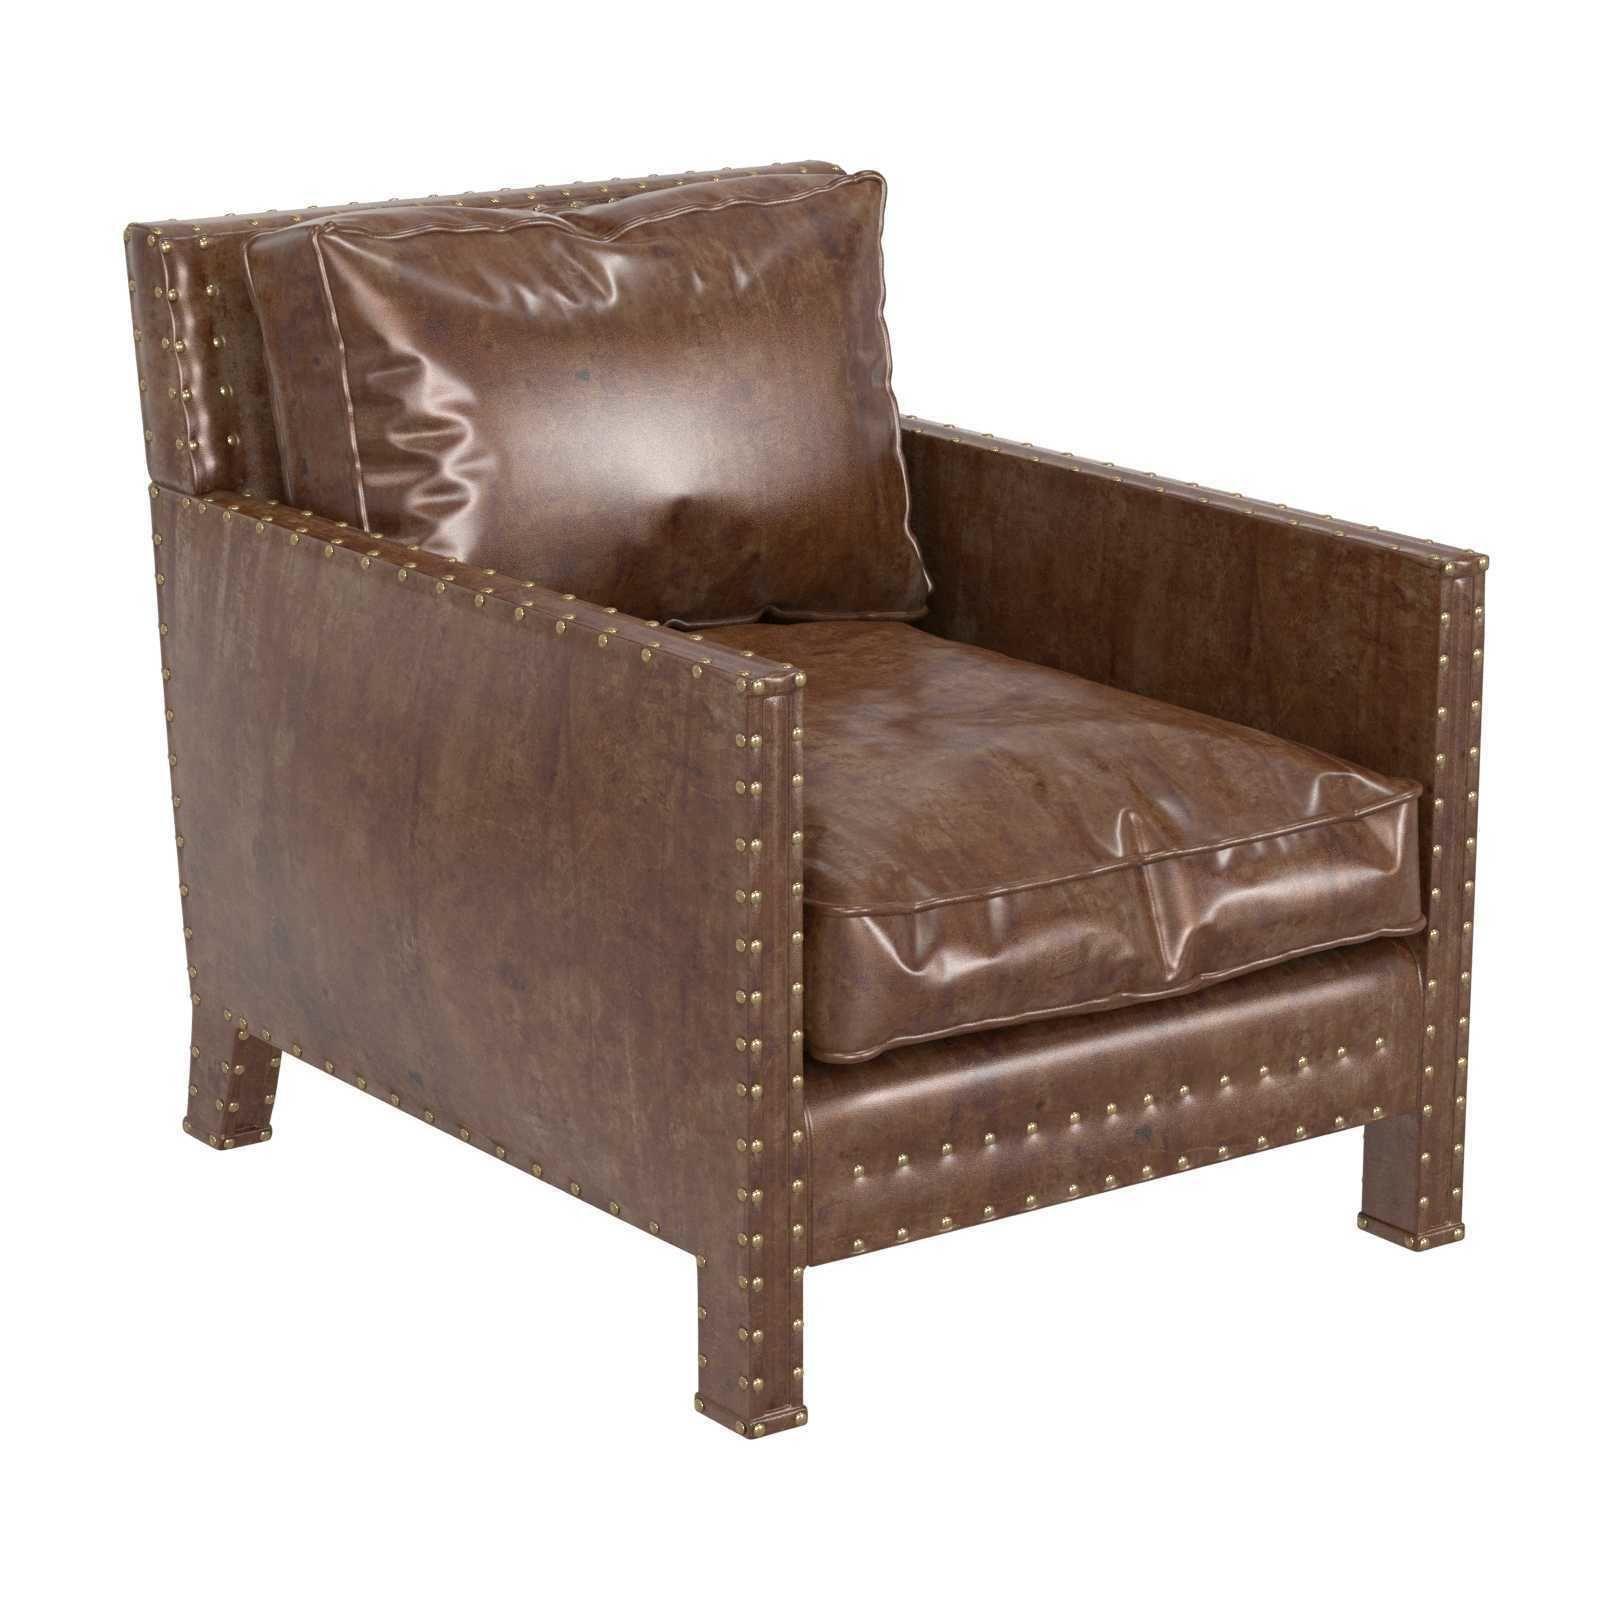 Ralph Lauren home Nailhead Club Chair